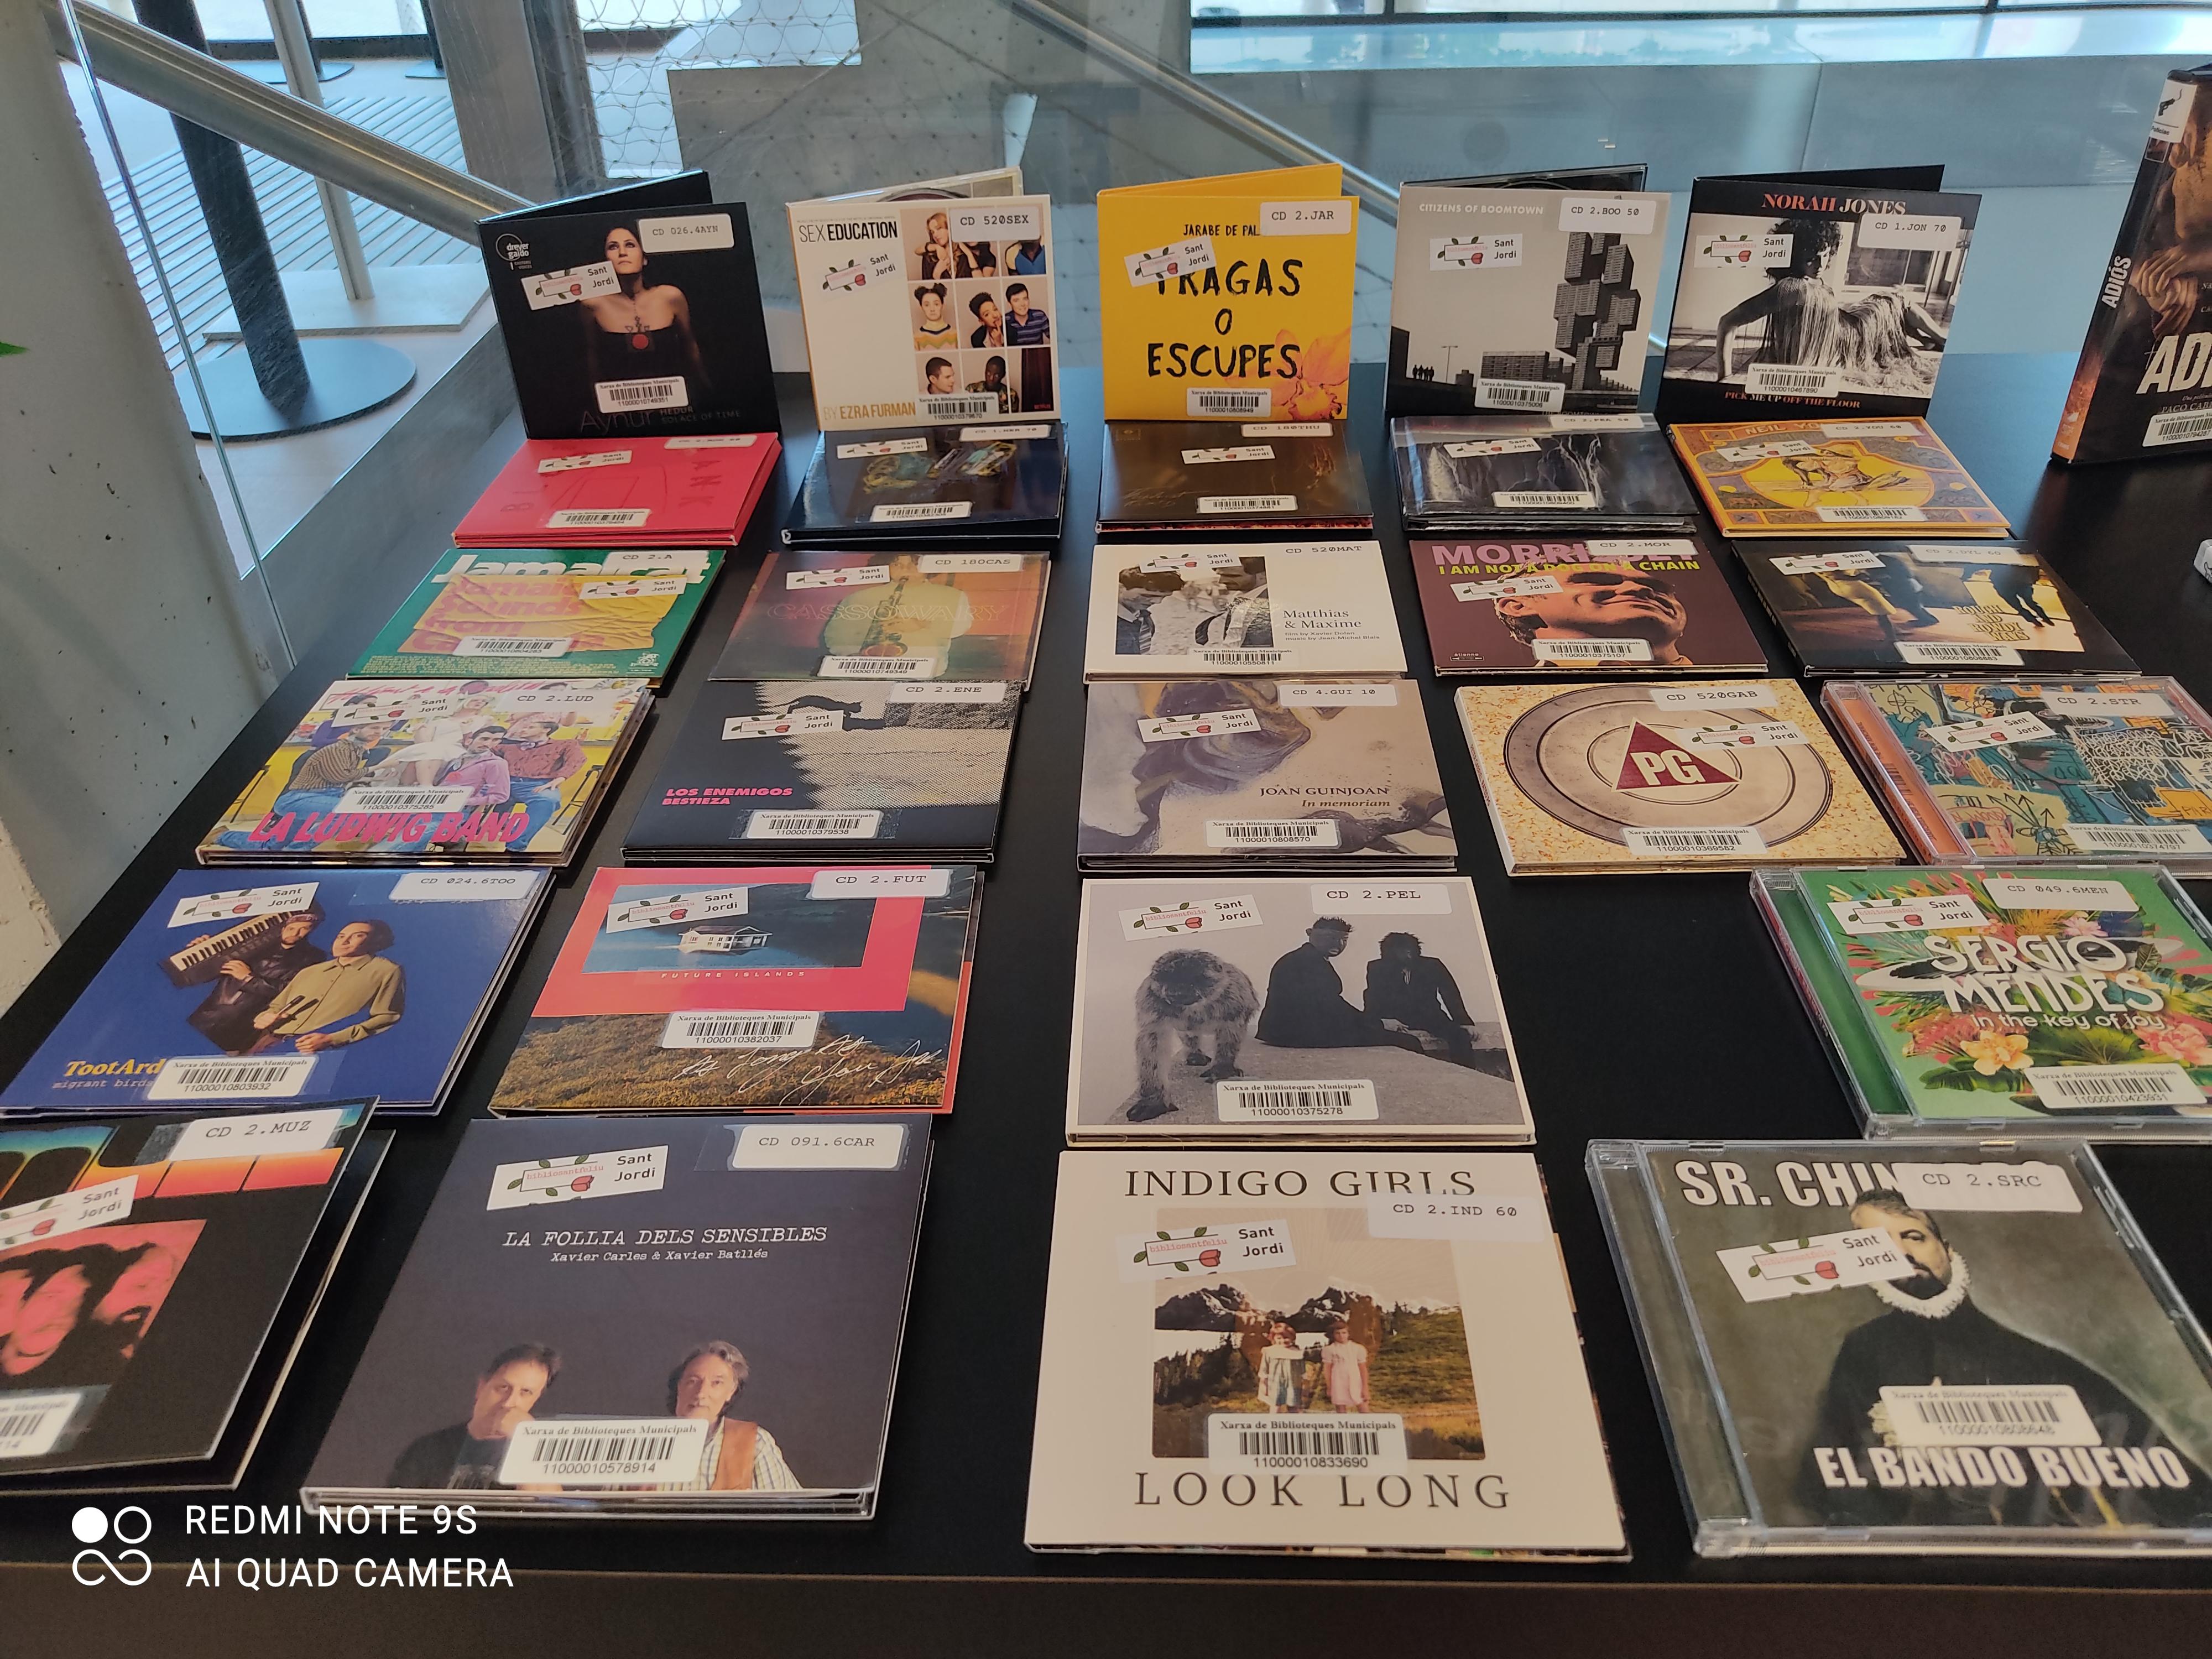 Imatge de diversos CD de música